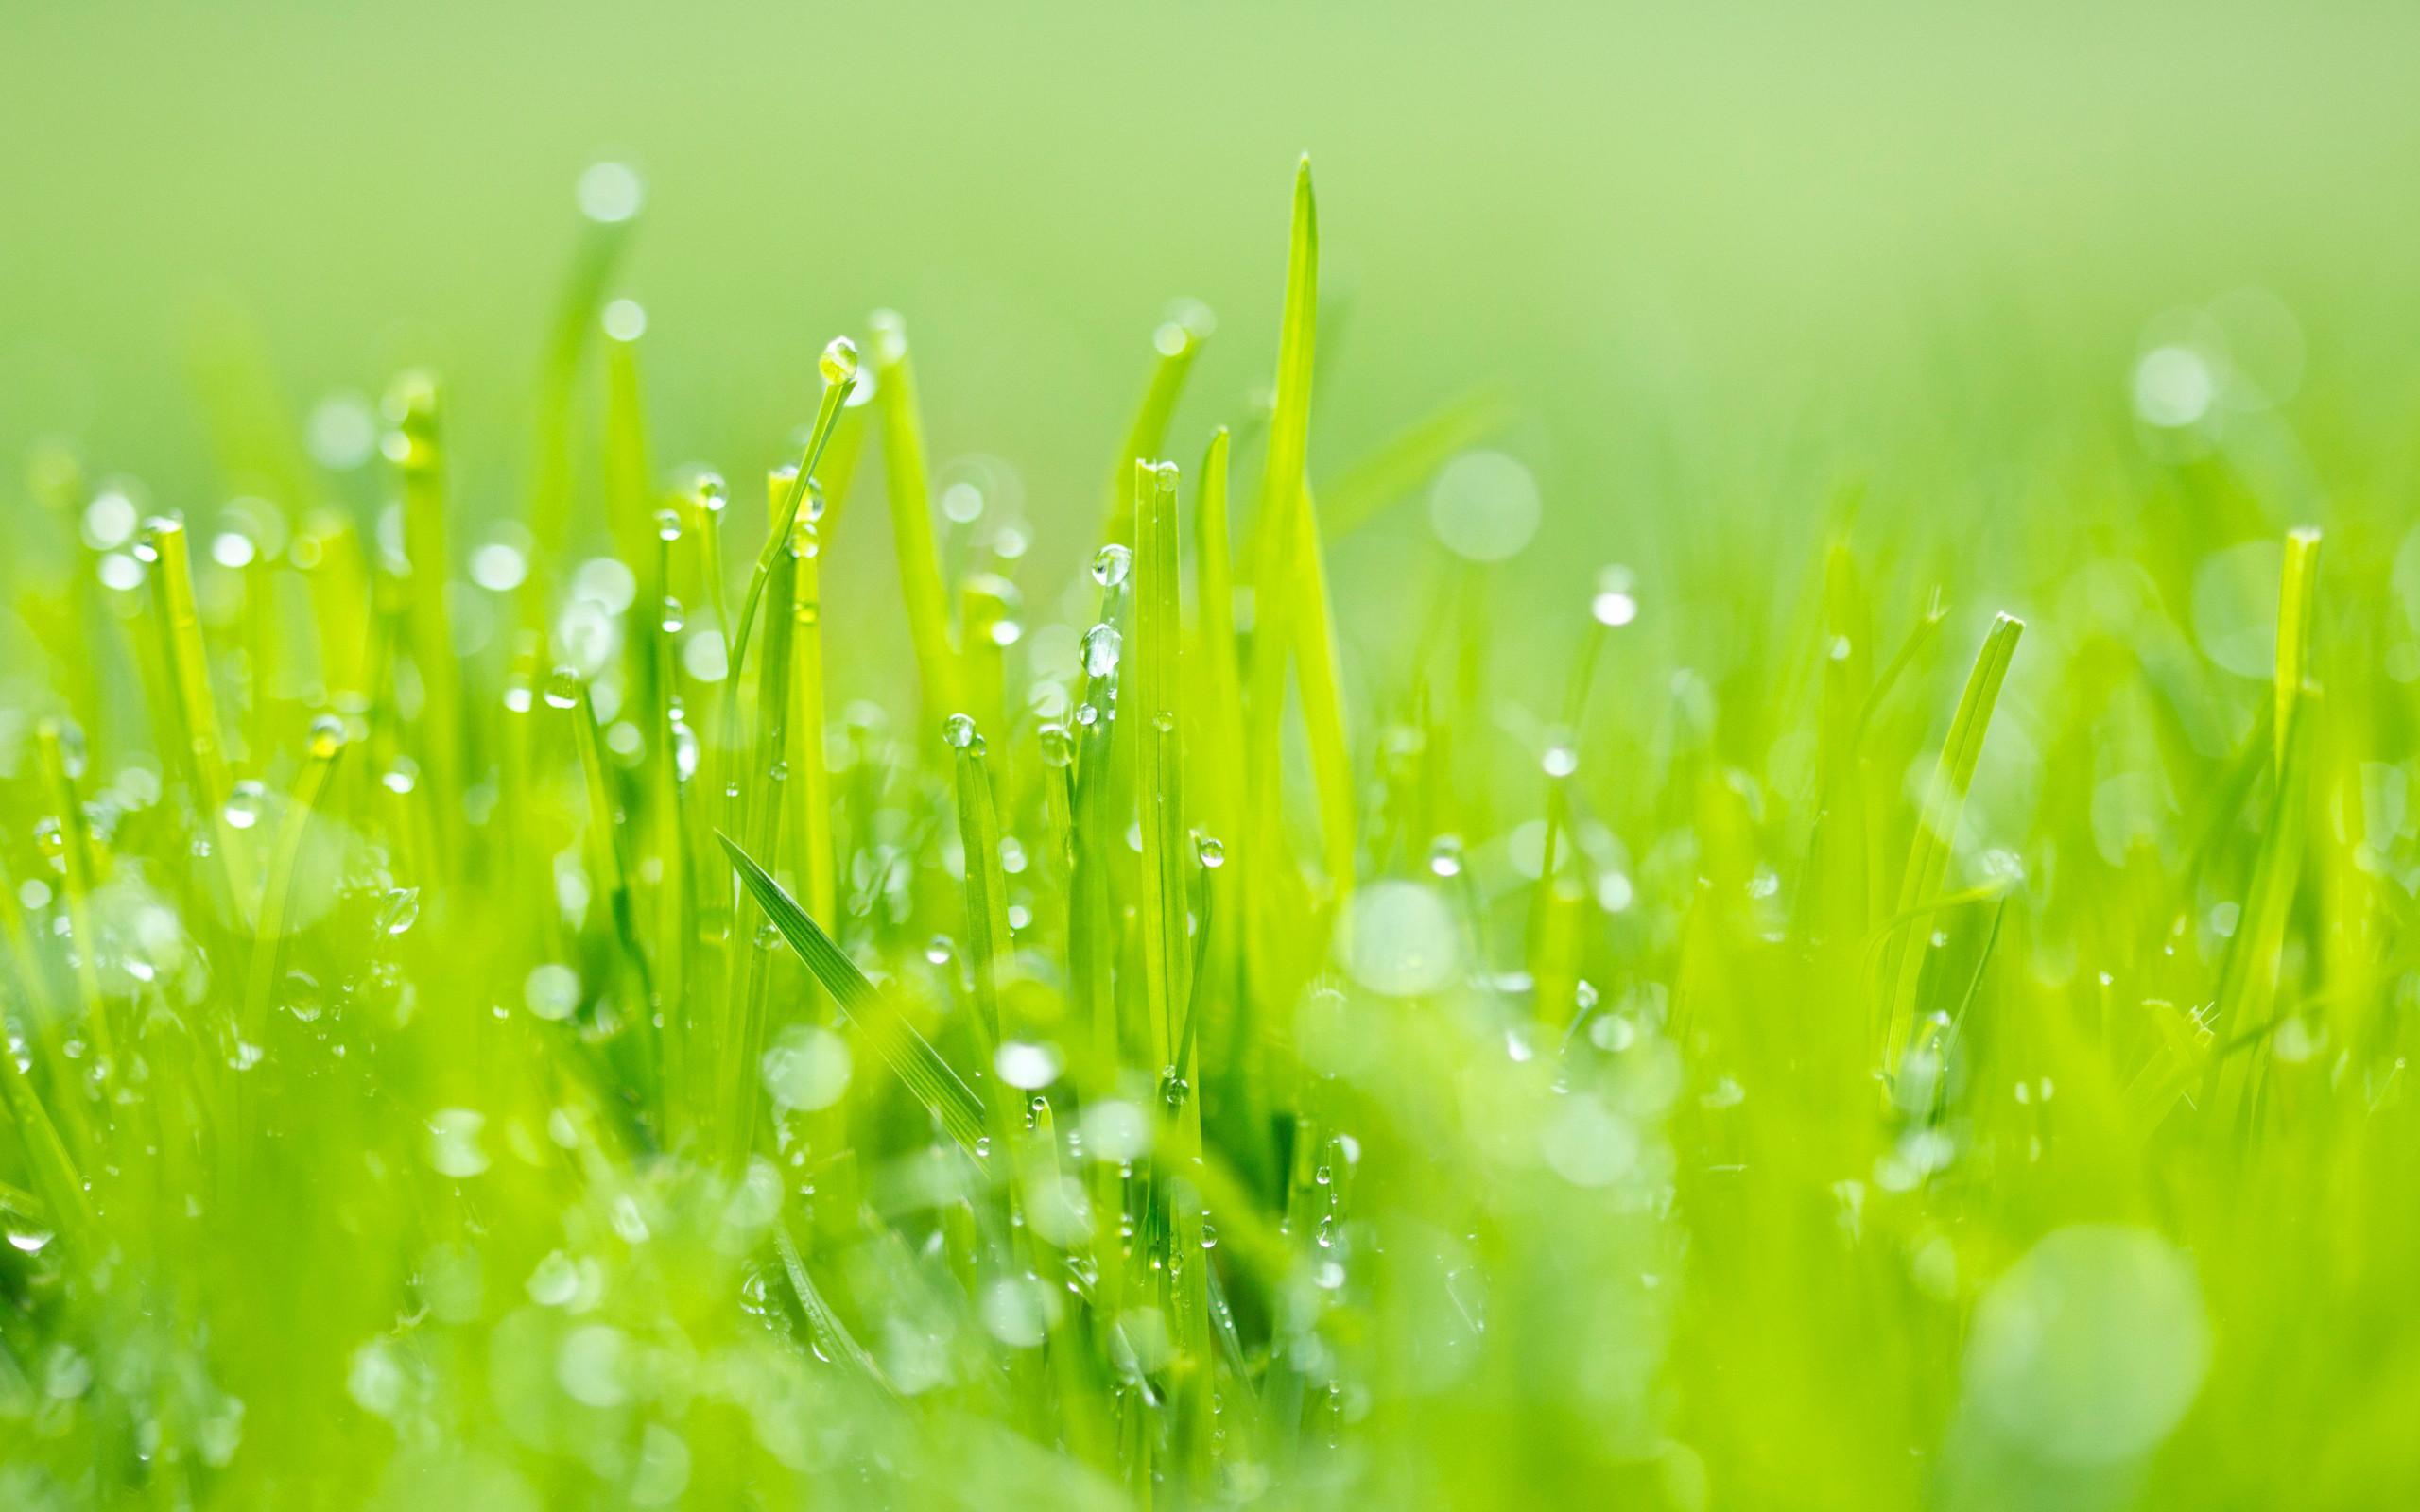 Lovely Grass Wallpaper Hd Wallpapers